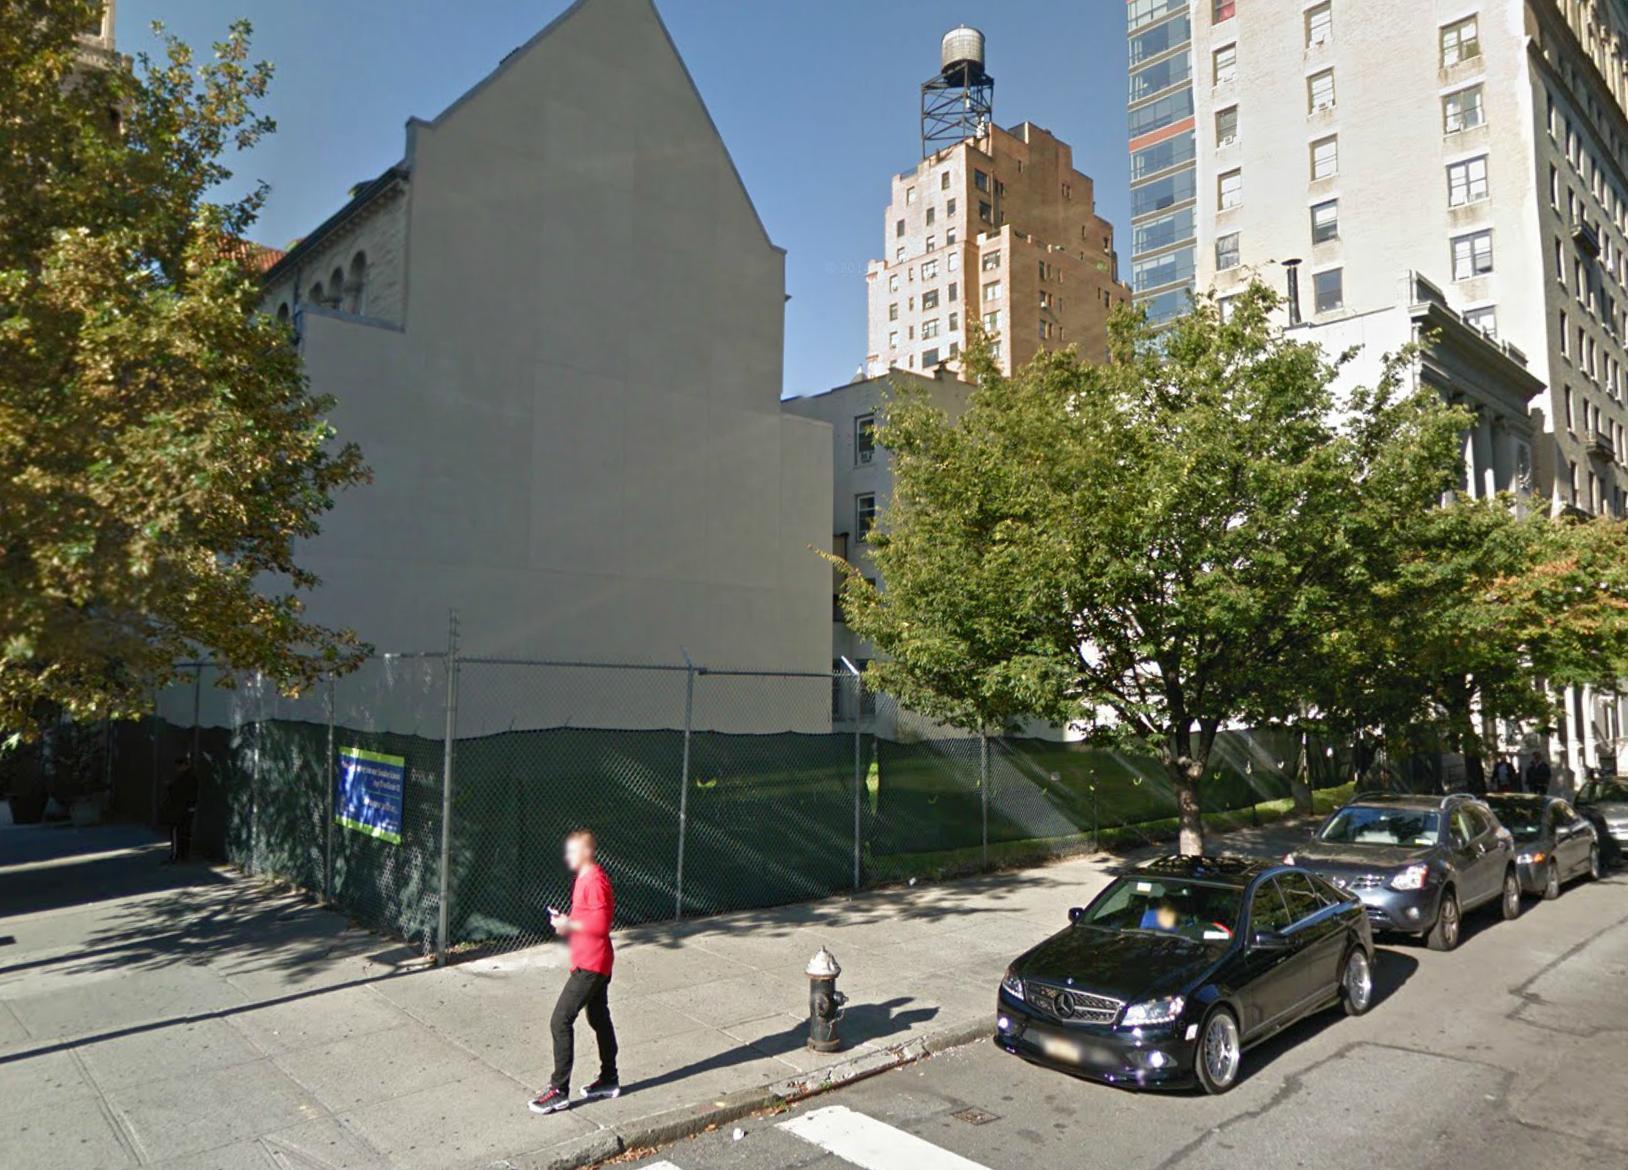 816 Amsterdam Avenue